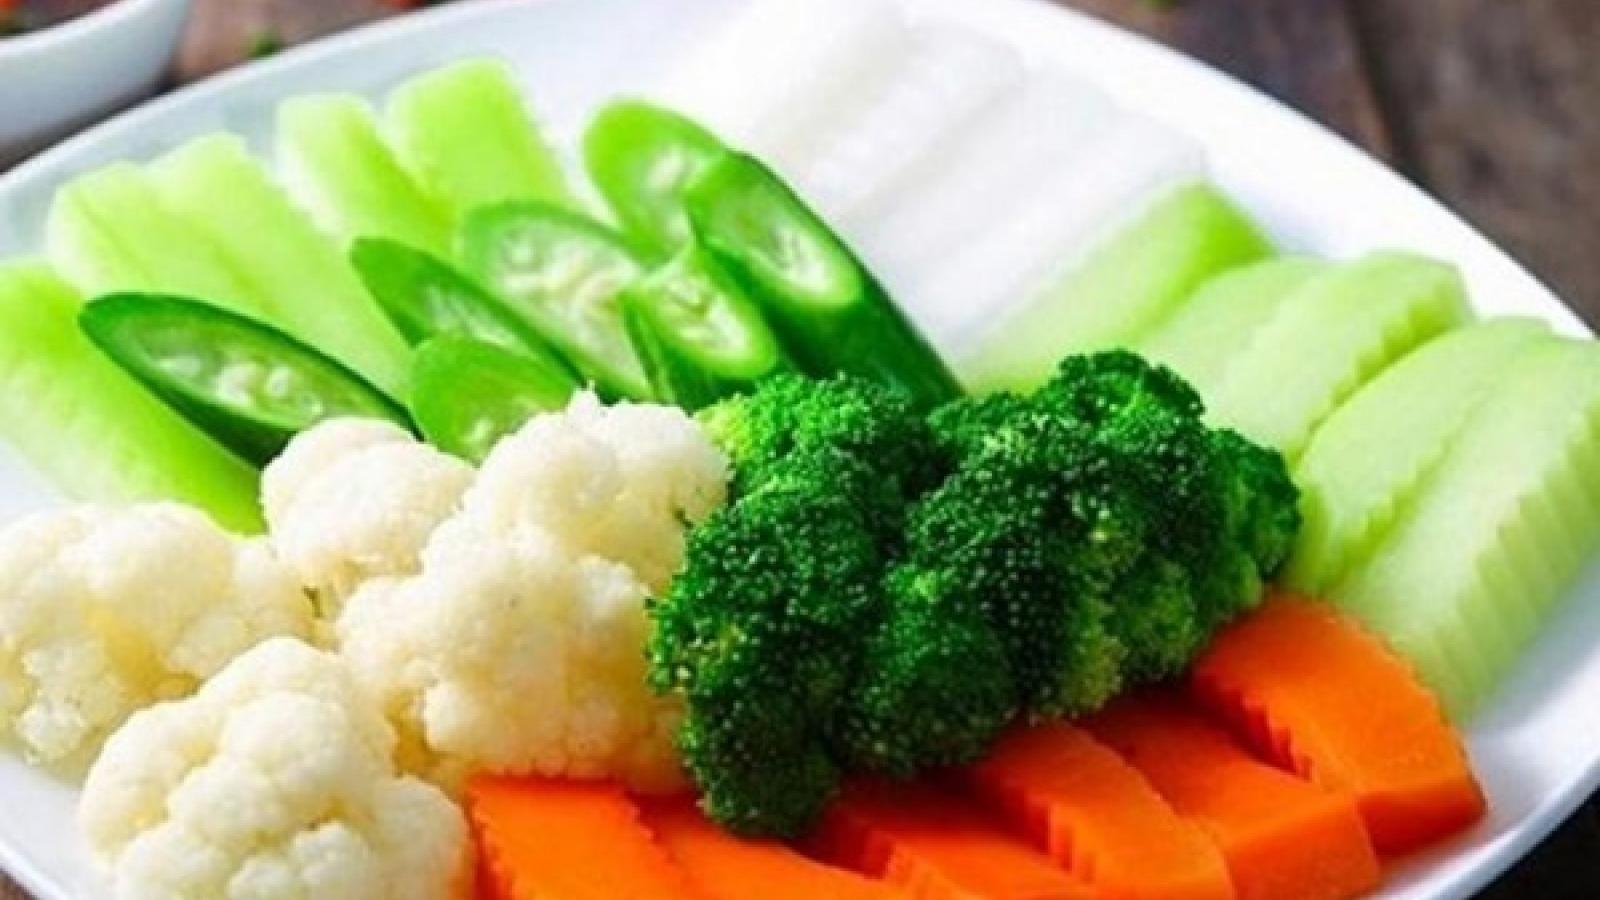 6 mẹo đơn giản để món rau luộc giữ màu xanh tươi